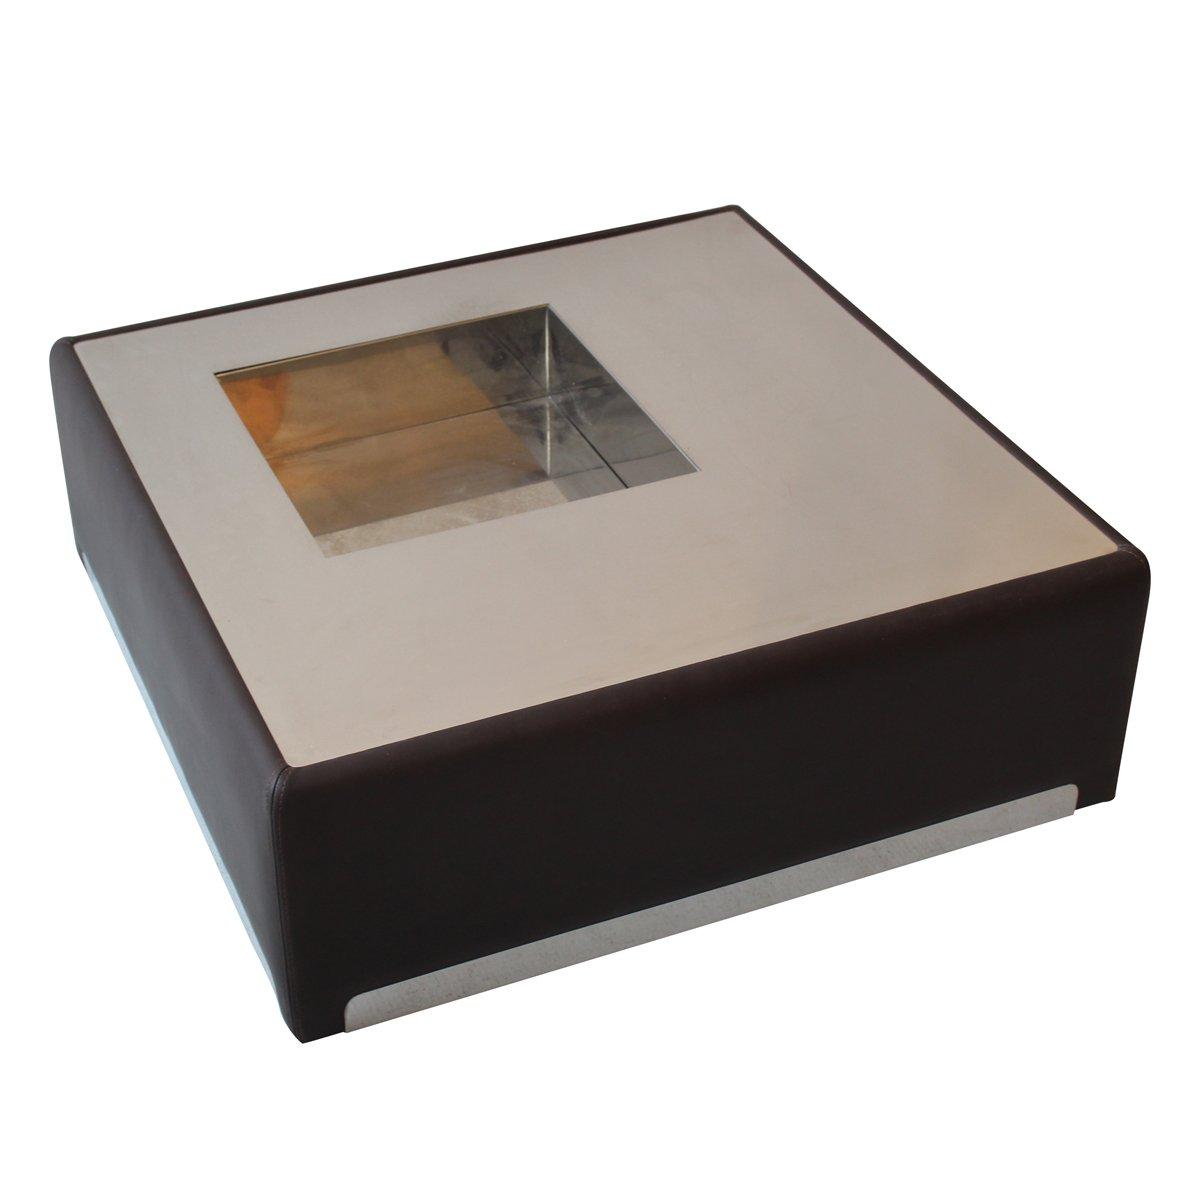 table basse en acier inoxydable cuir 1970s en vente sur pamono. Black Bedroom Furniture Sets. Home Design Ideas